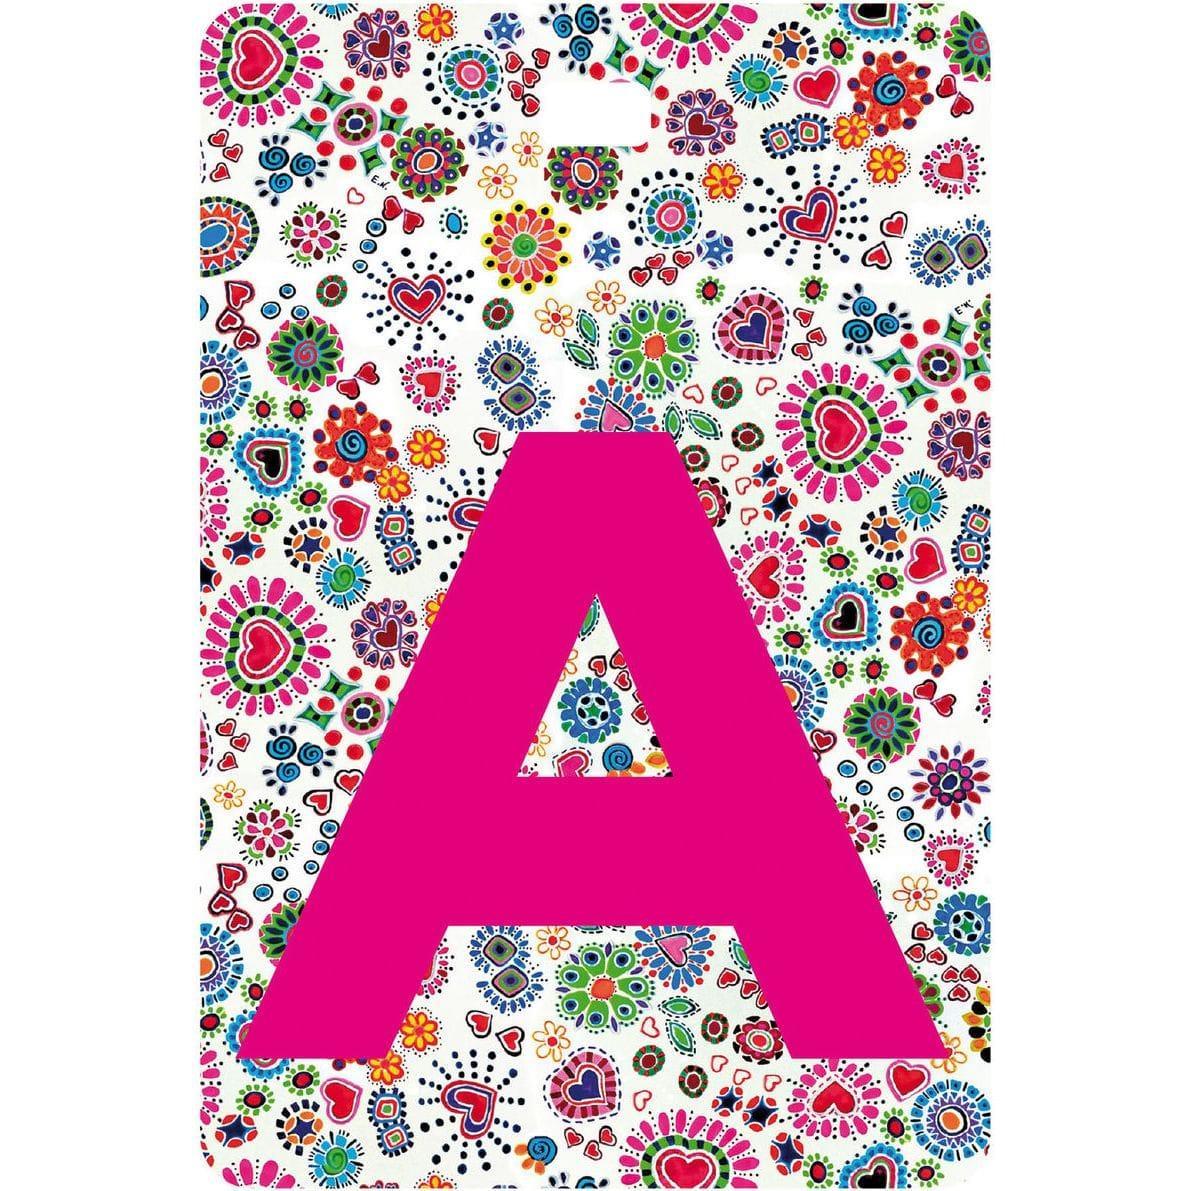 Etichetta bagaglio con lettera alfabeto bianca su sfondo a righe colorate carattere testuale A